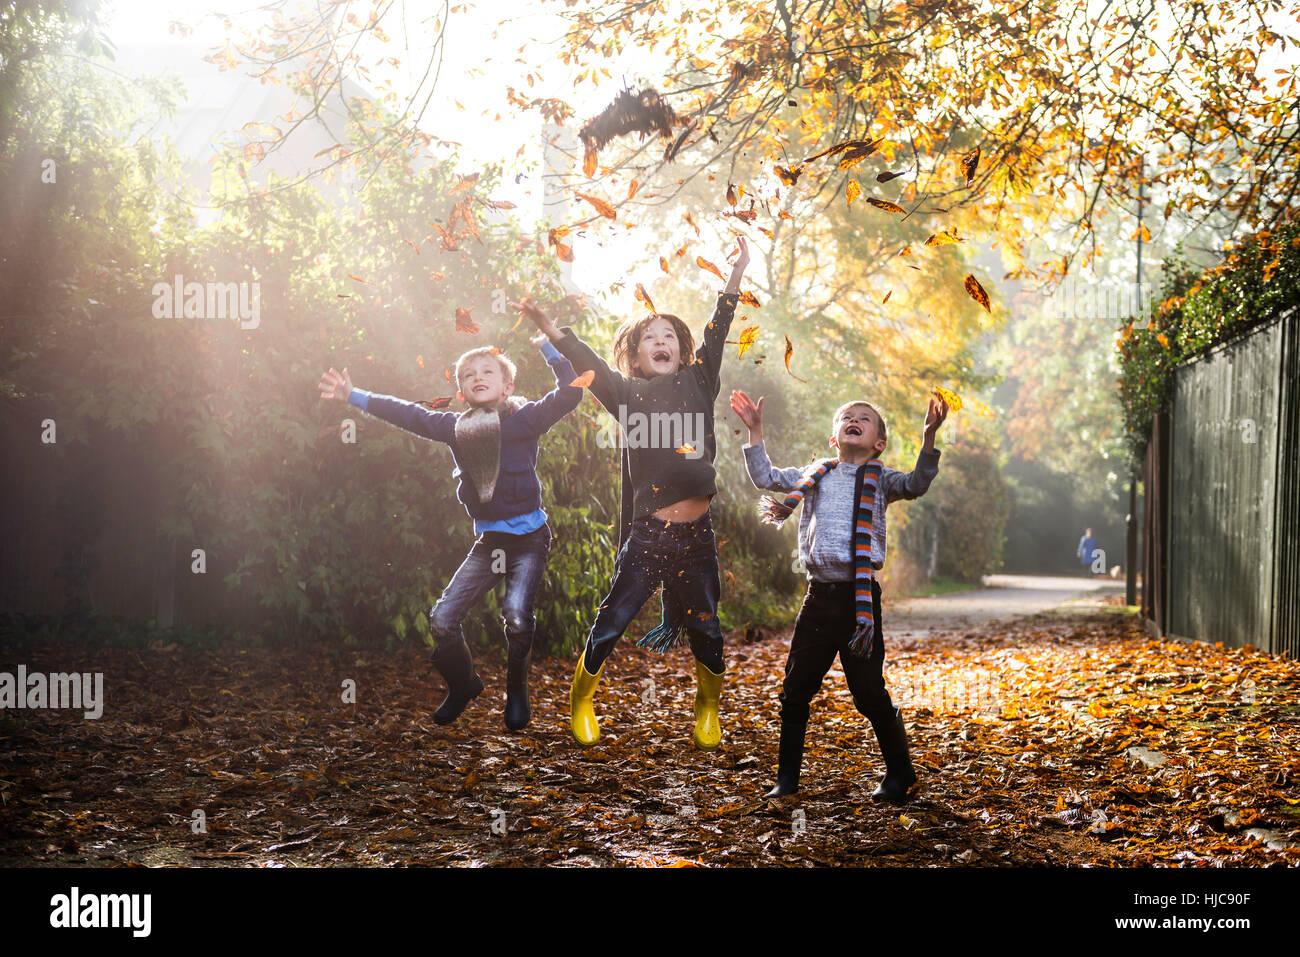 Tre giovani ragazzi, giocare all'aperto, gettando le foglie di autunno Immagini Stock